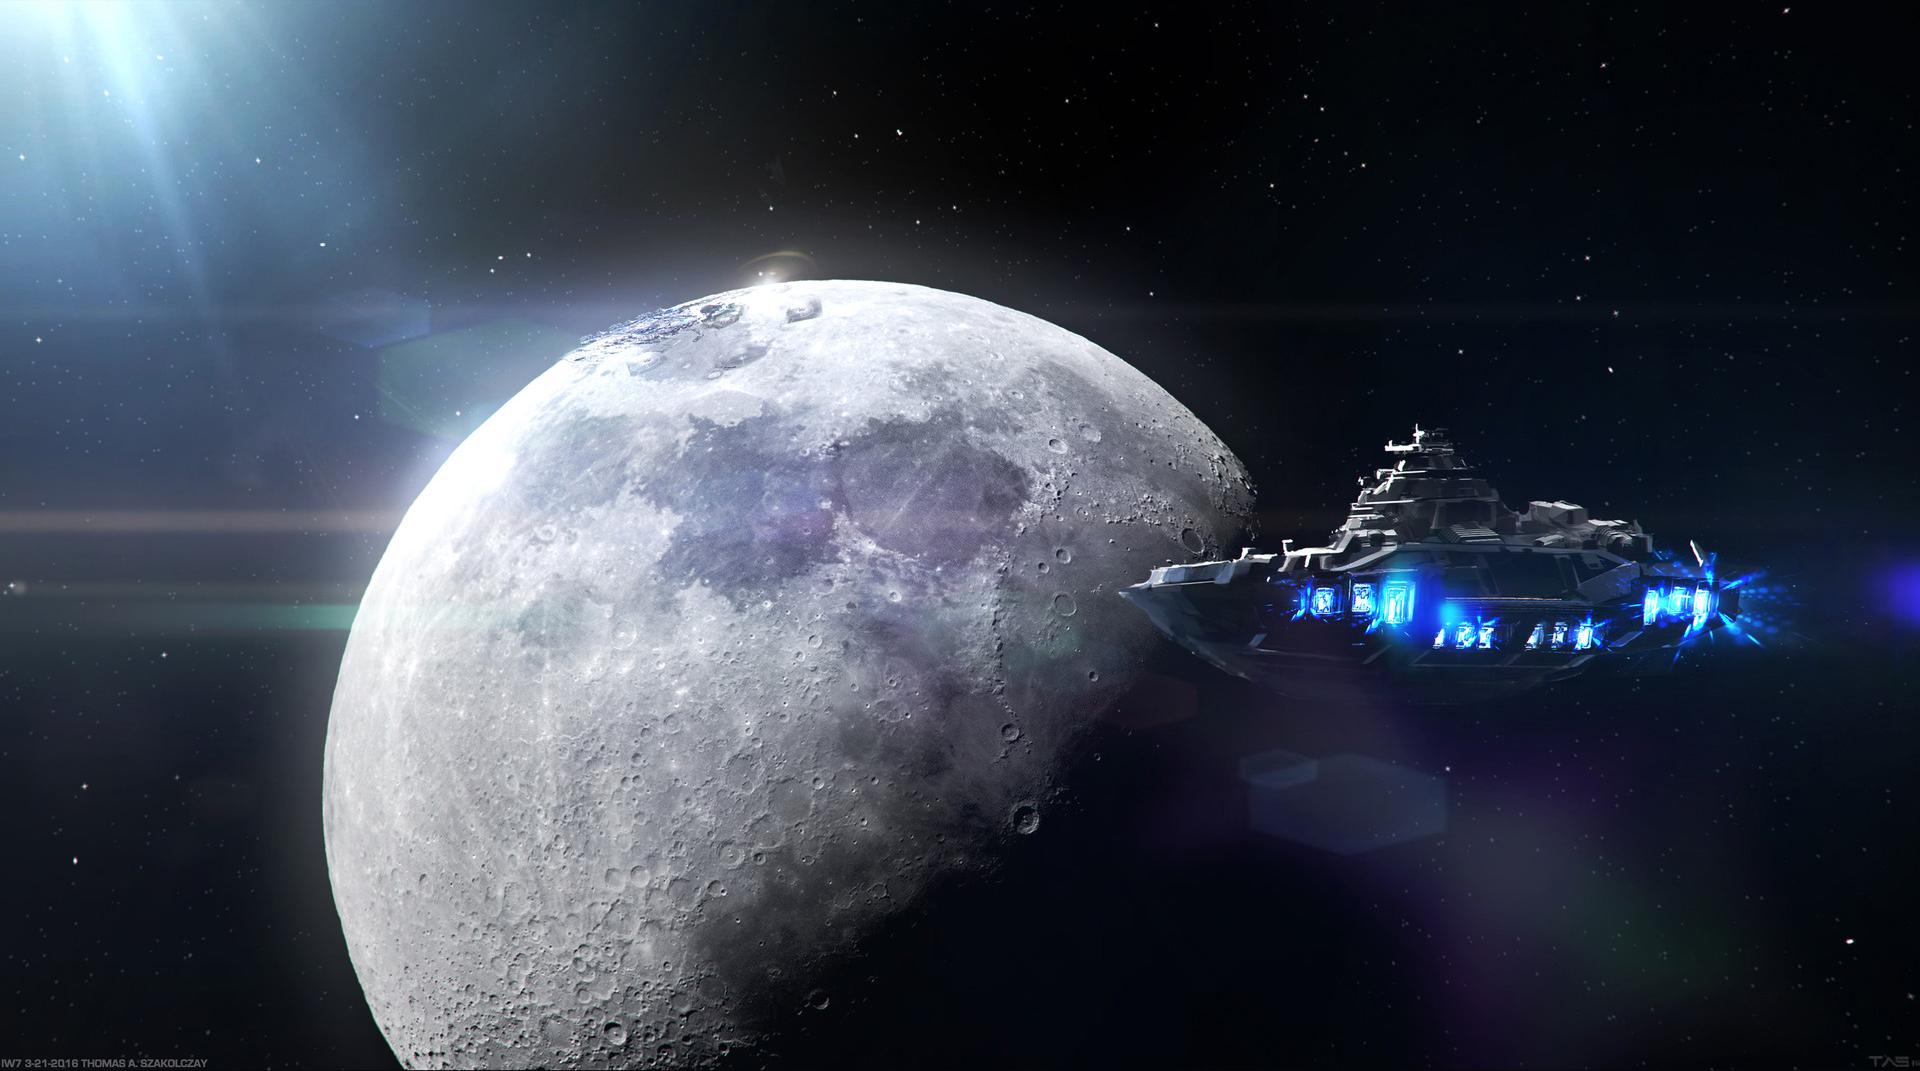 Lunar_gateway_concept_3_IW_cropped.jpg